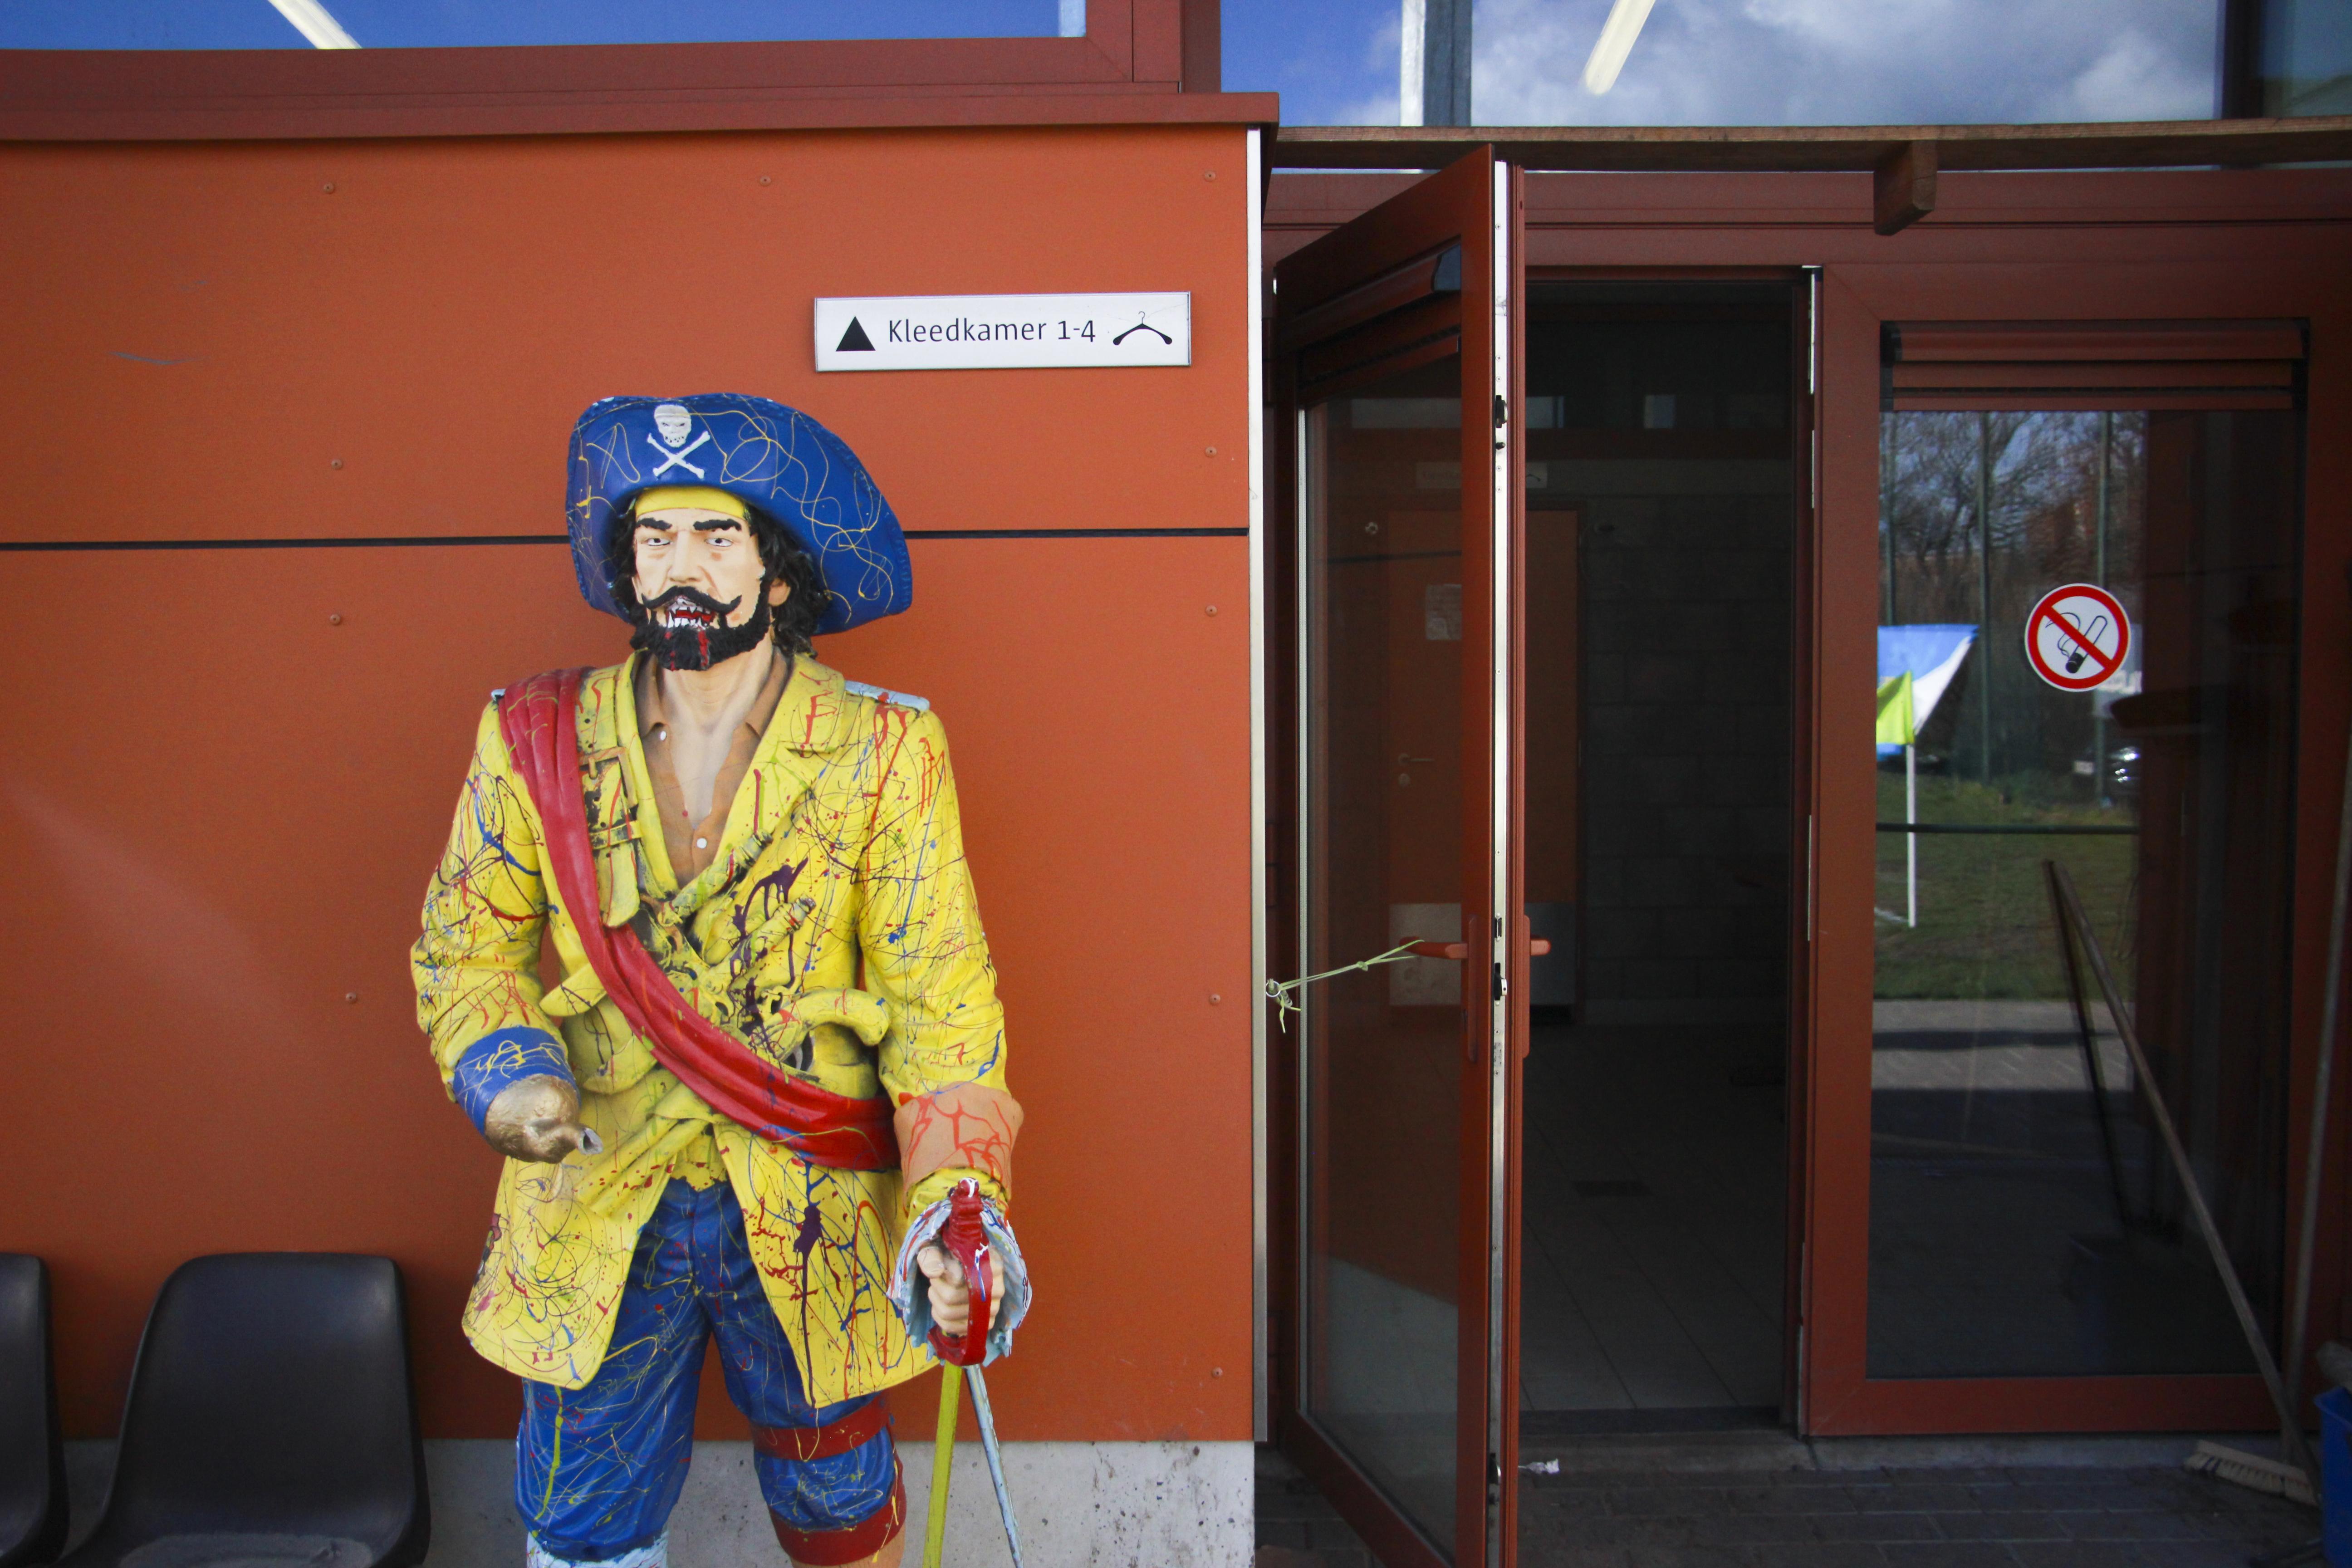 Standbeeld van een piraat